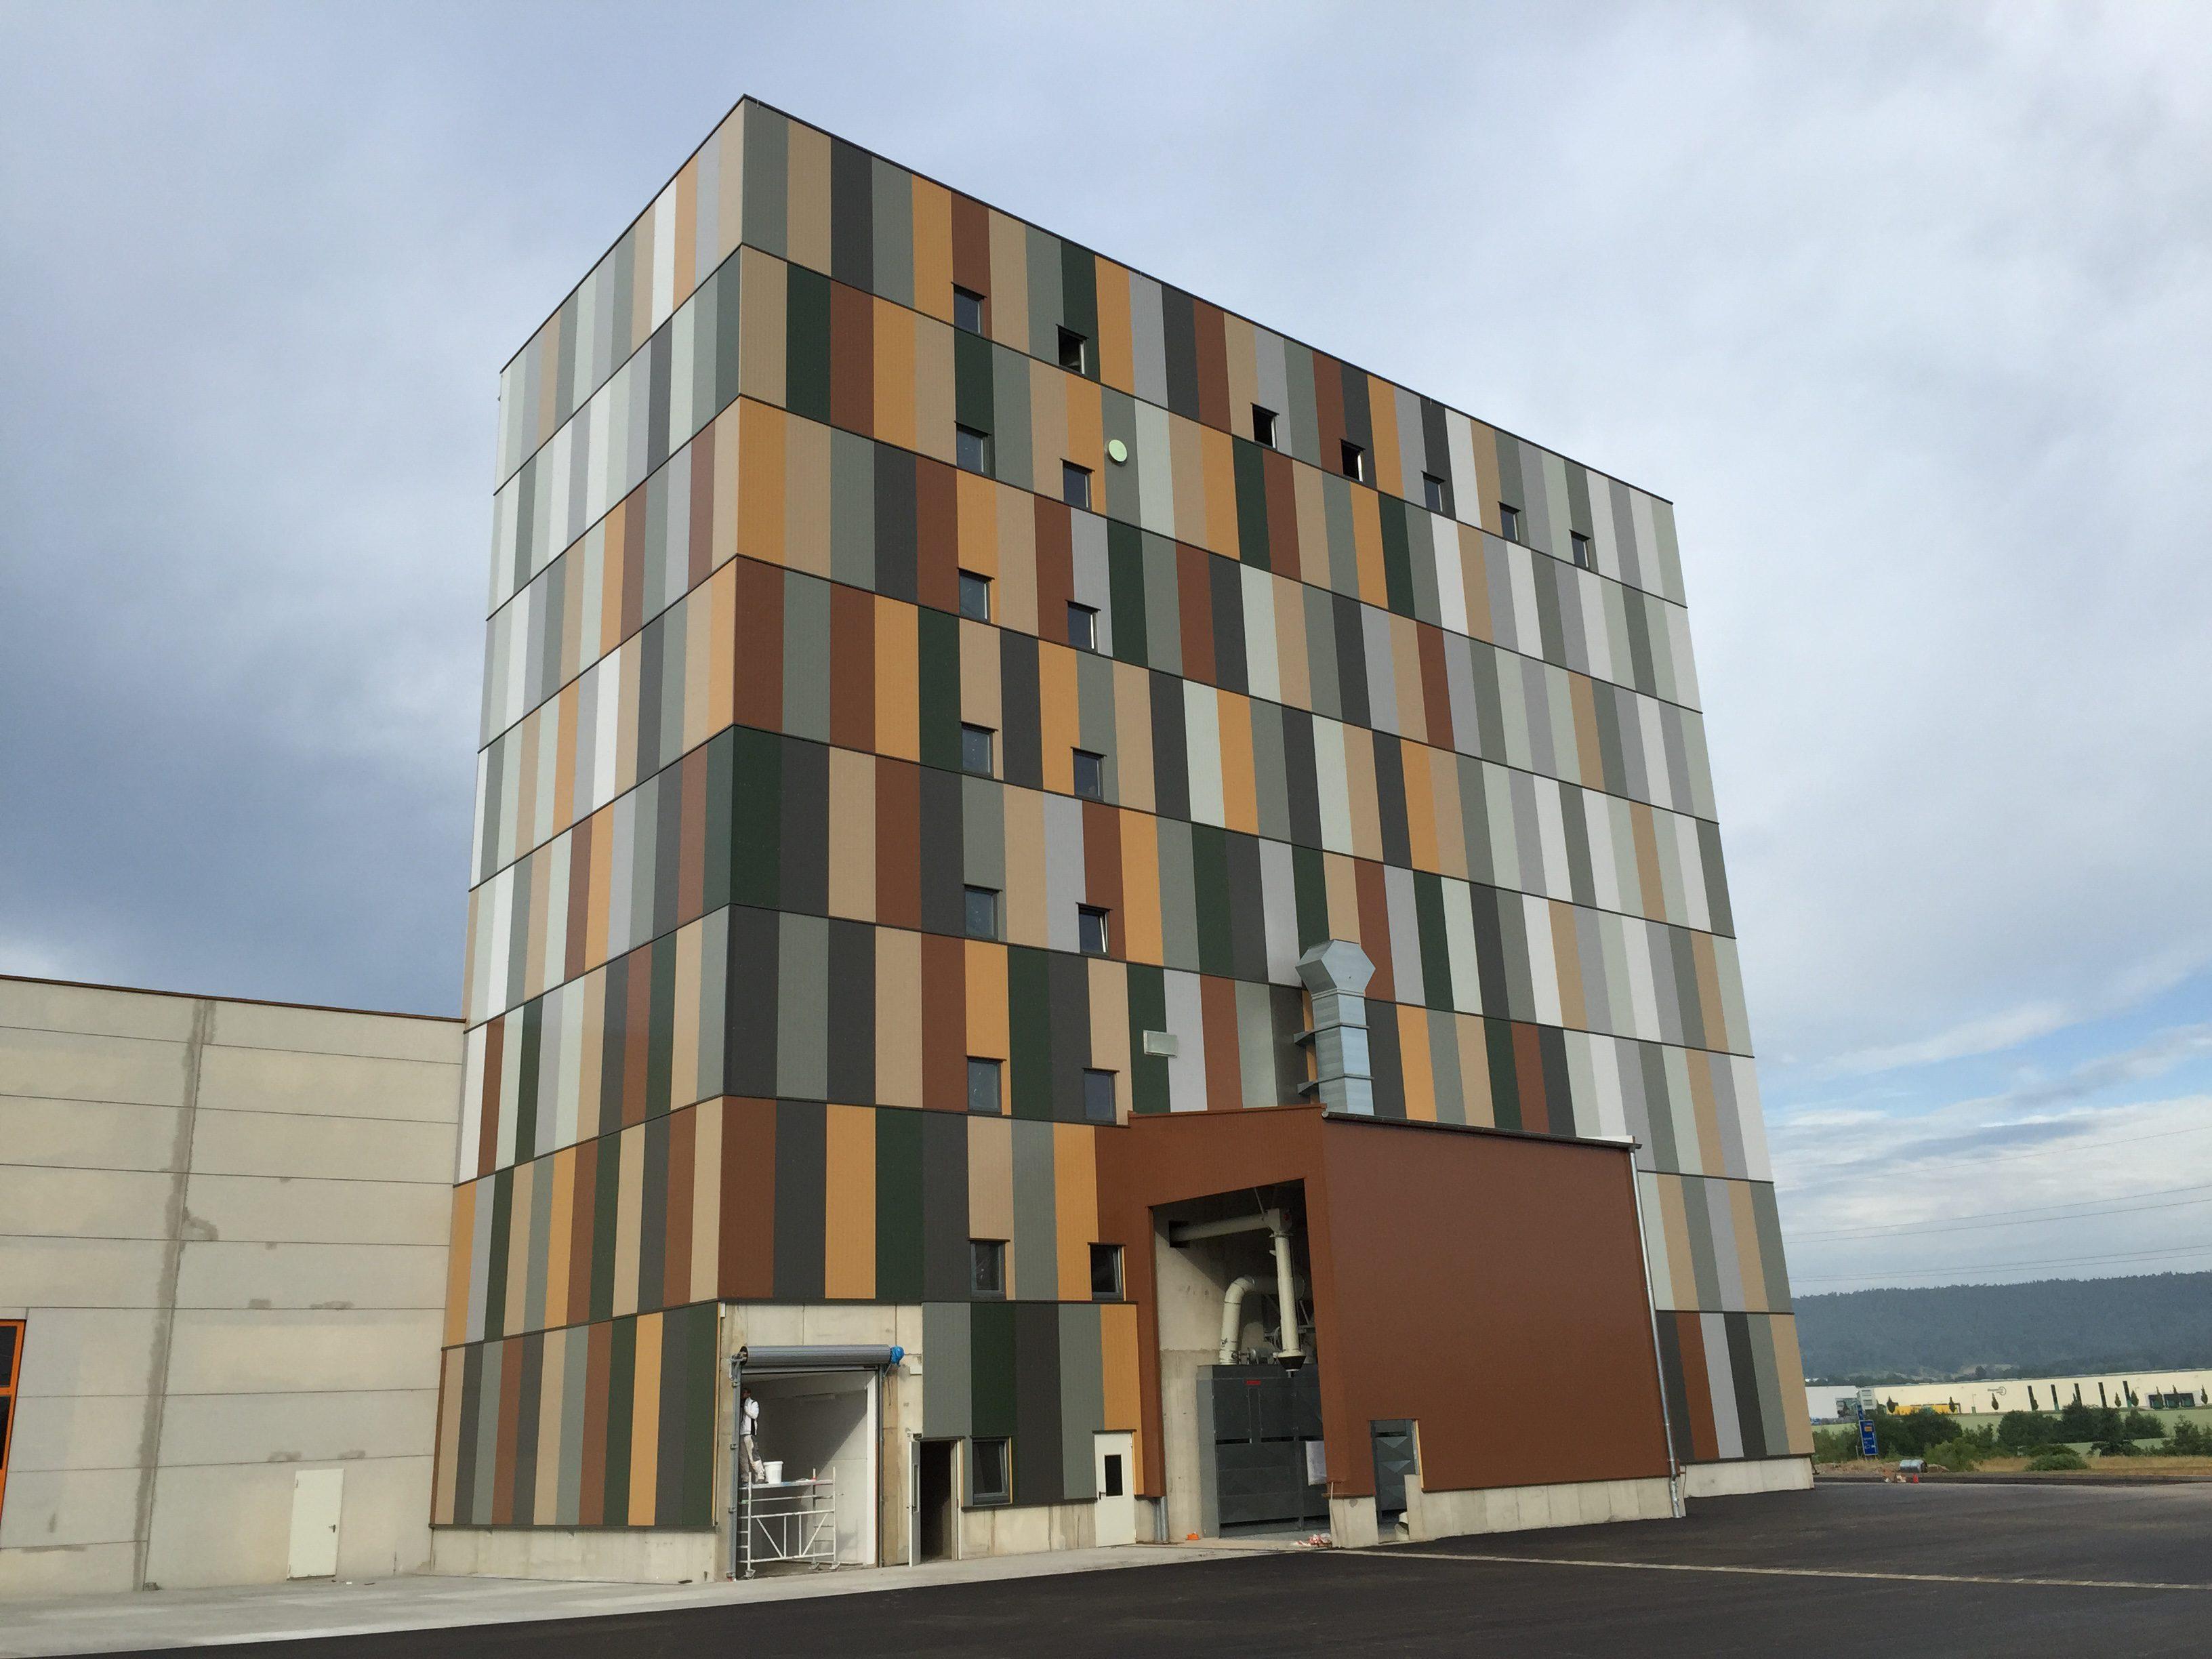 Square silo facade